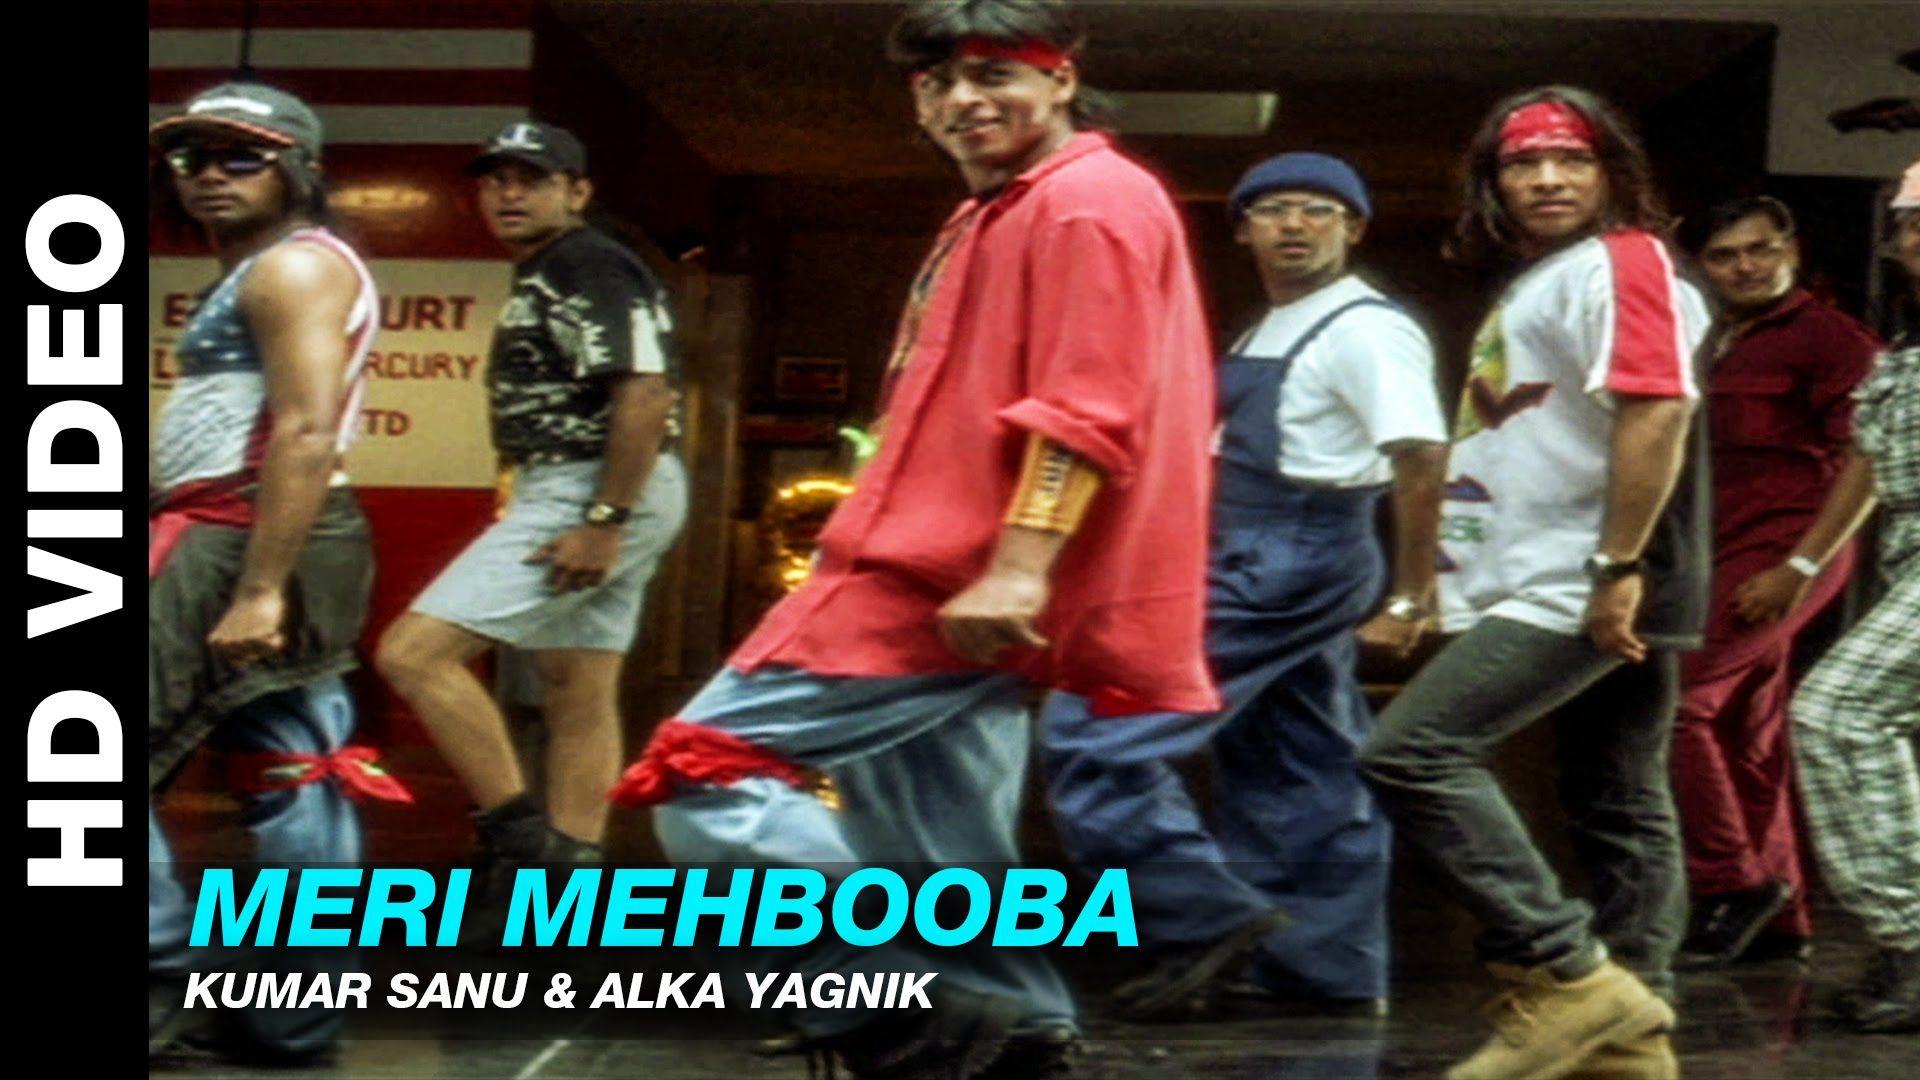 Moonu full movie tamil hd 1080p free download tamilrockers